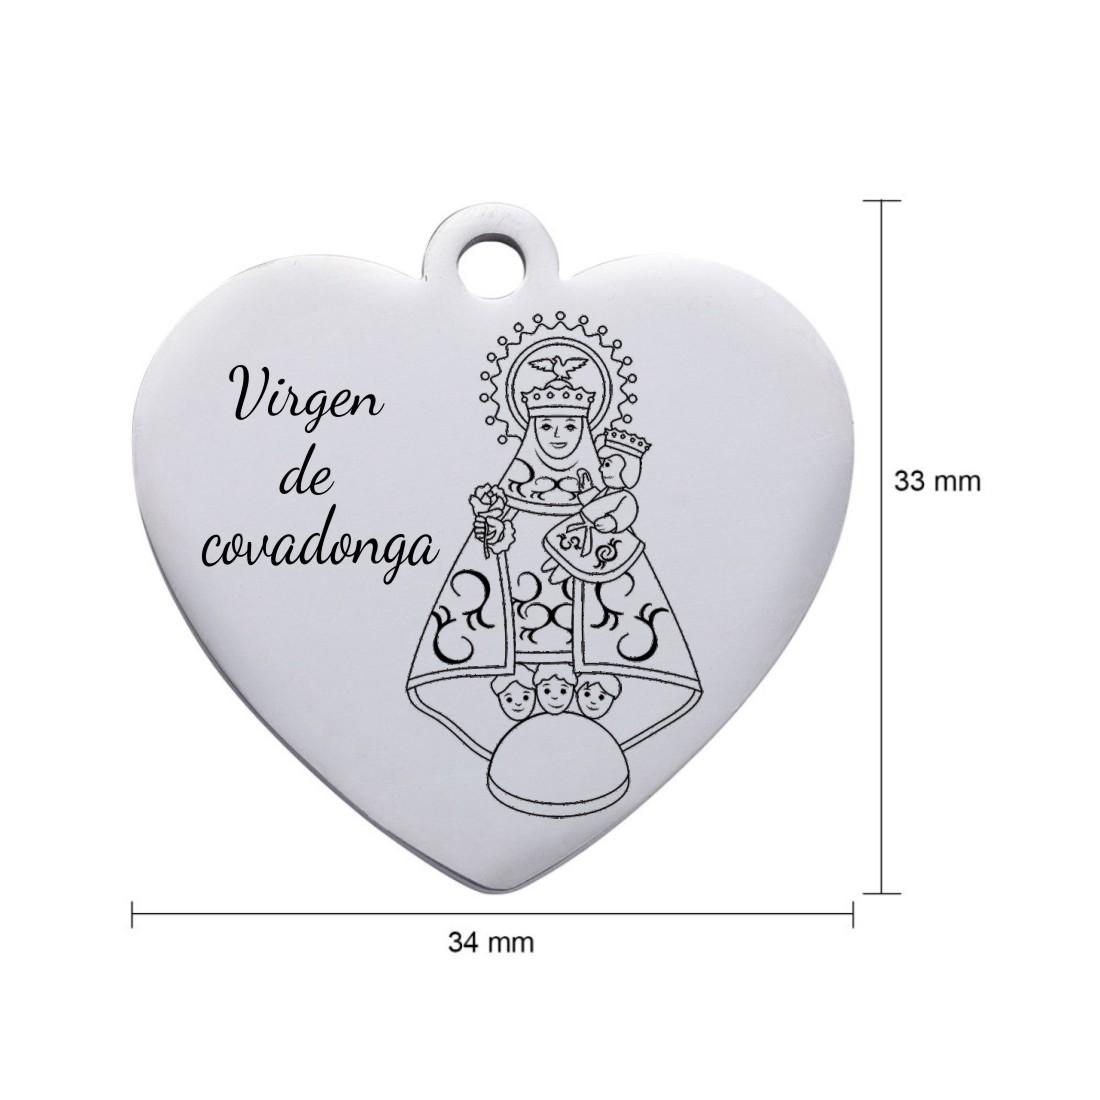 Colgante acero inoxidable 304 corazón 33 x 34 x 1,7mm. Agujero 2,8mm.  Virgen de Covadonga